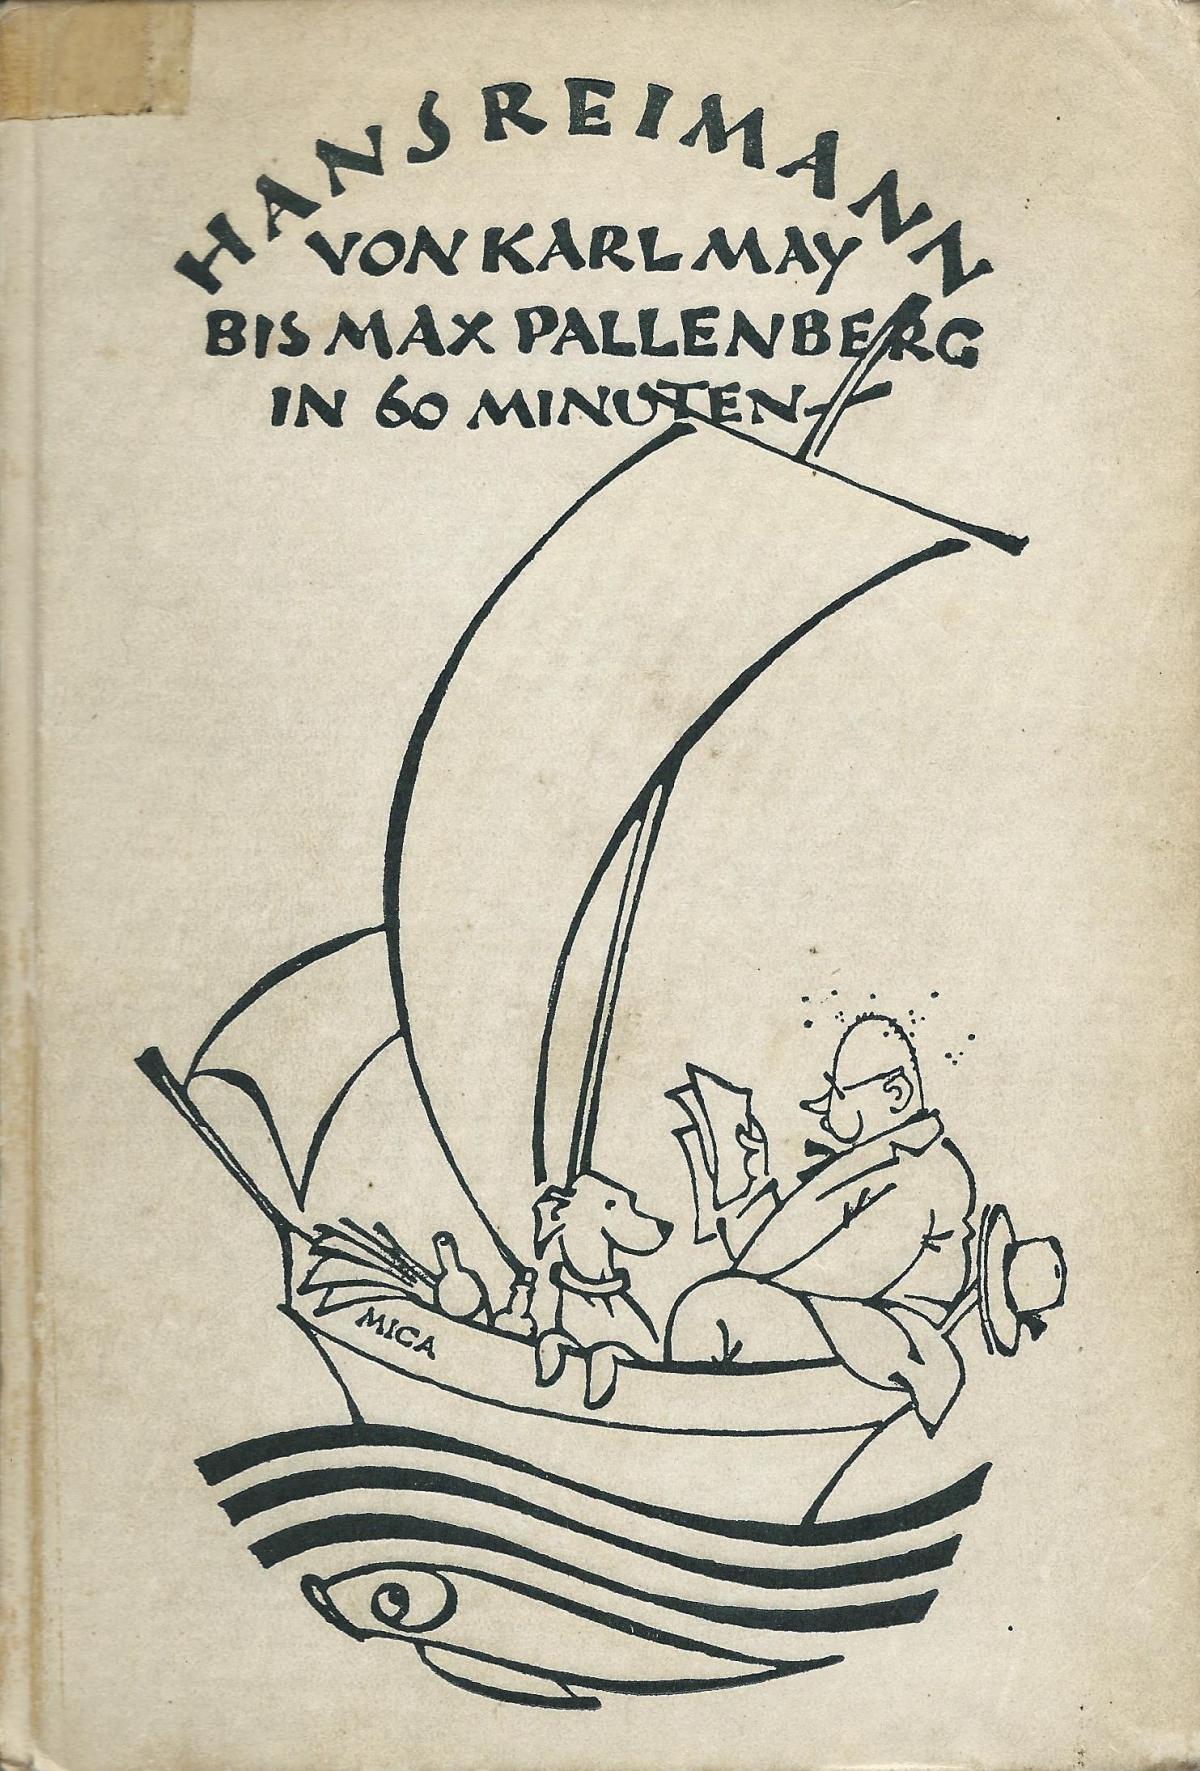 Hans Reimann: Von Karl Marx bis Max Pallenberg in 60 Minuten